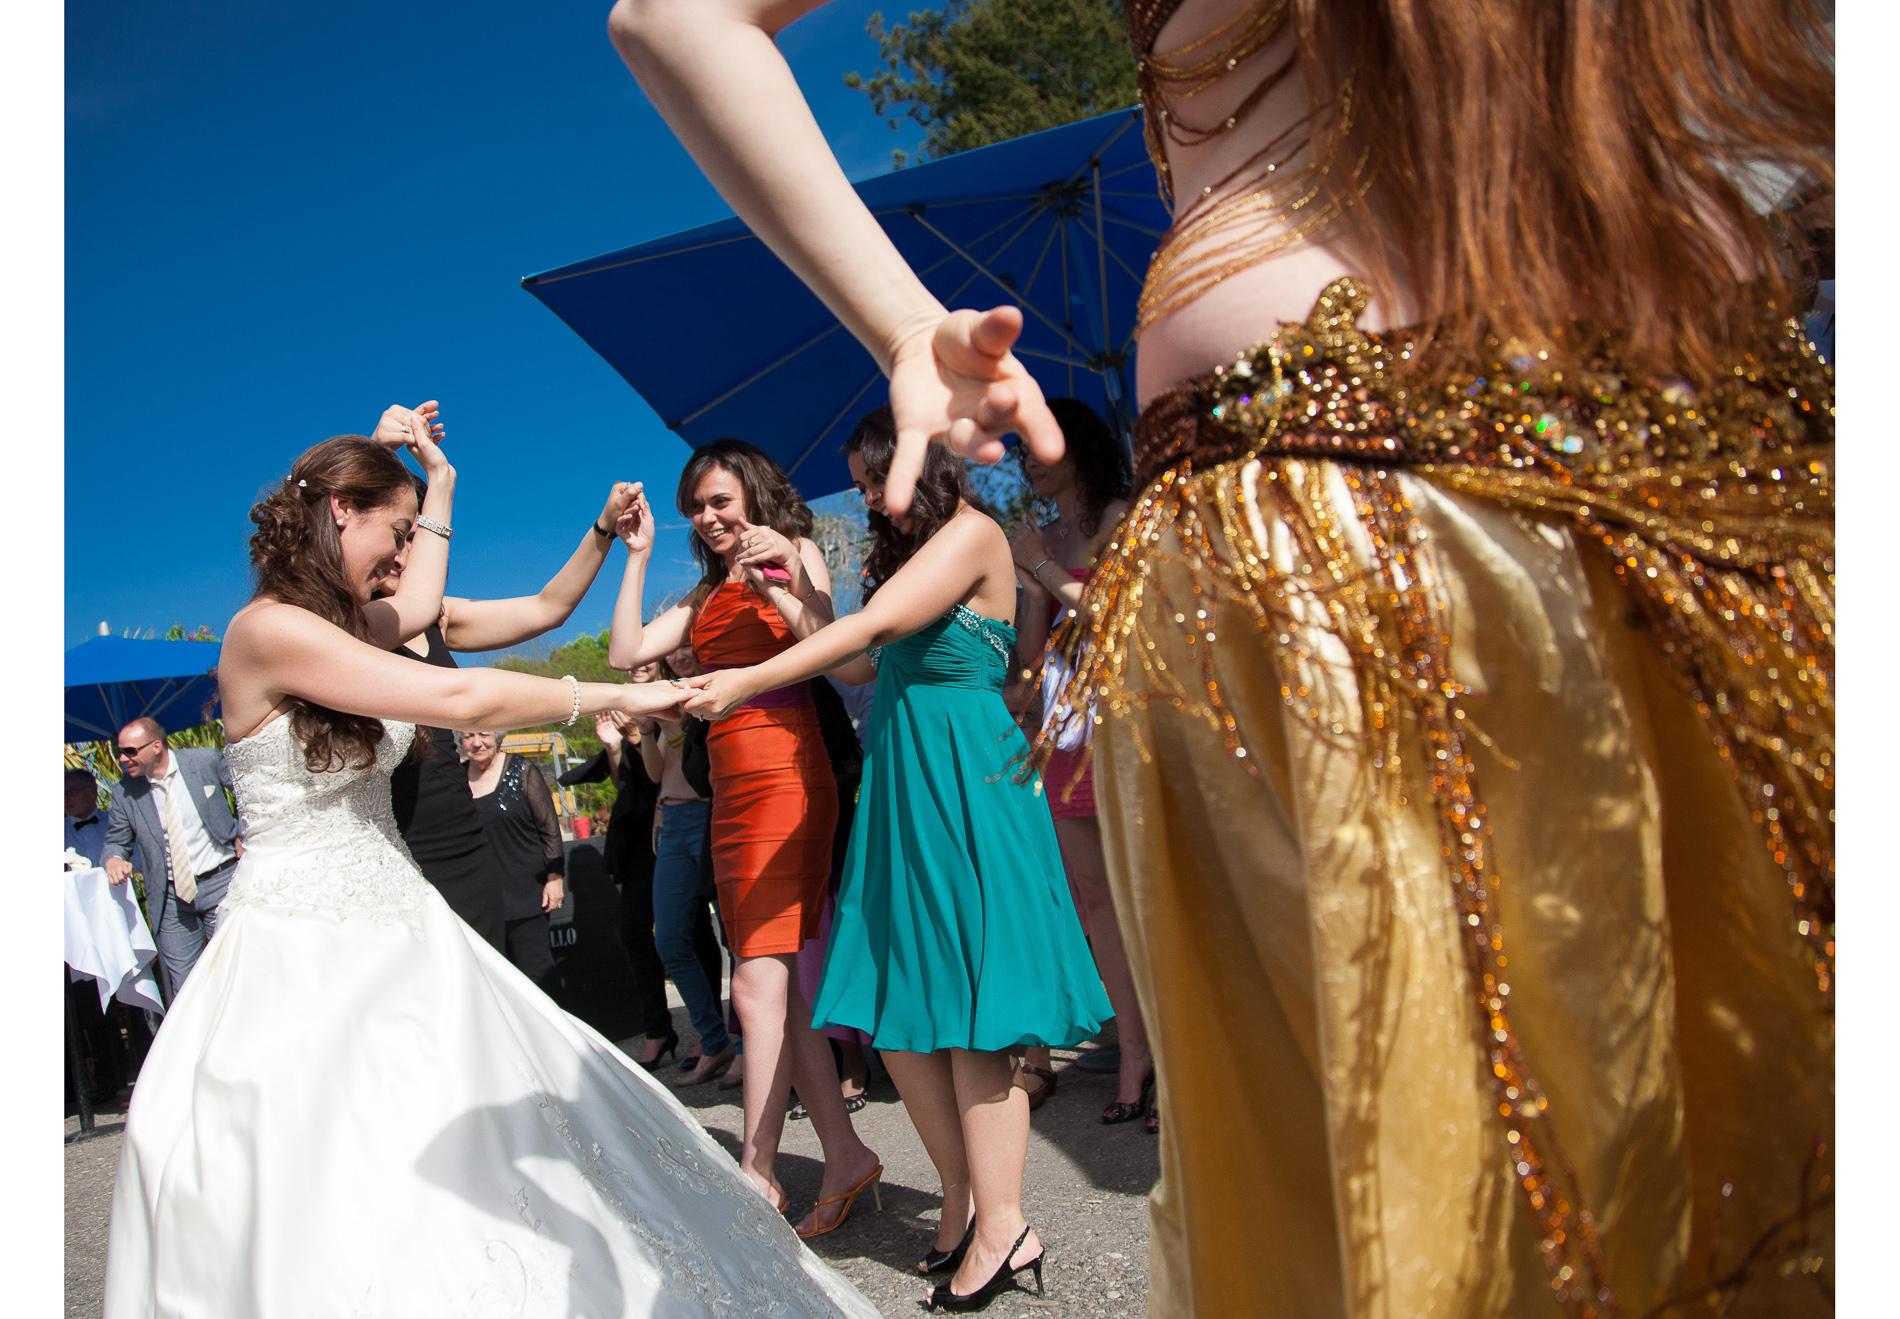 Hochzeit Bauchtanz mit Freunden feiern